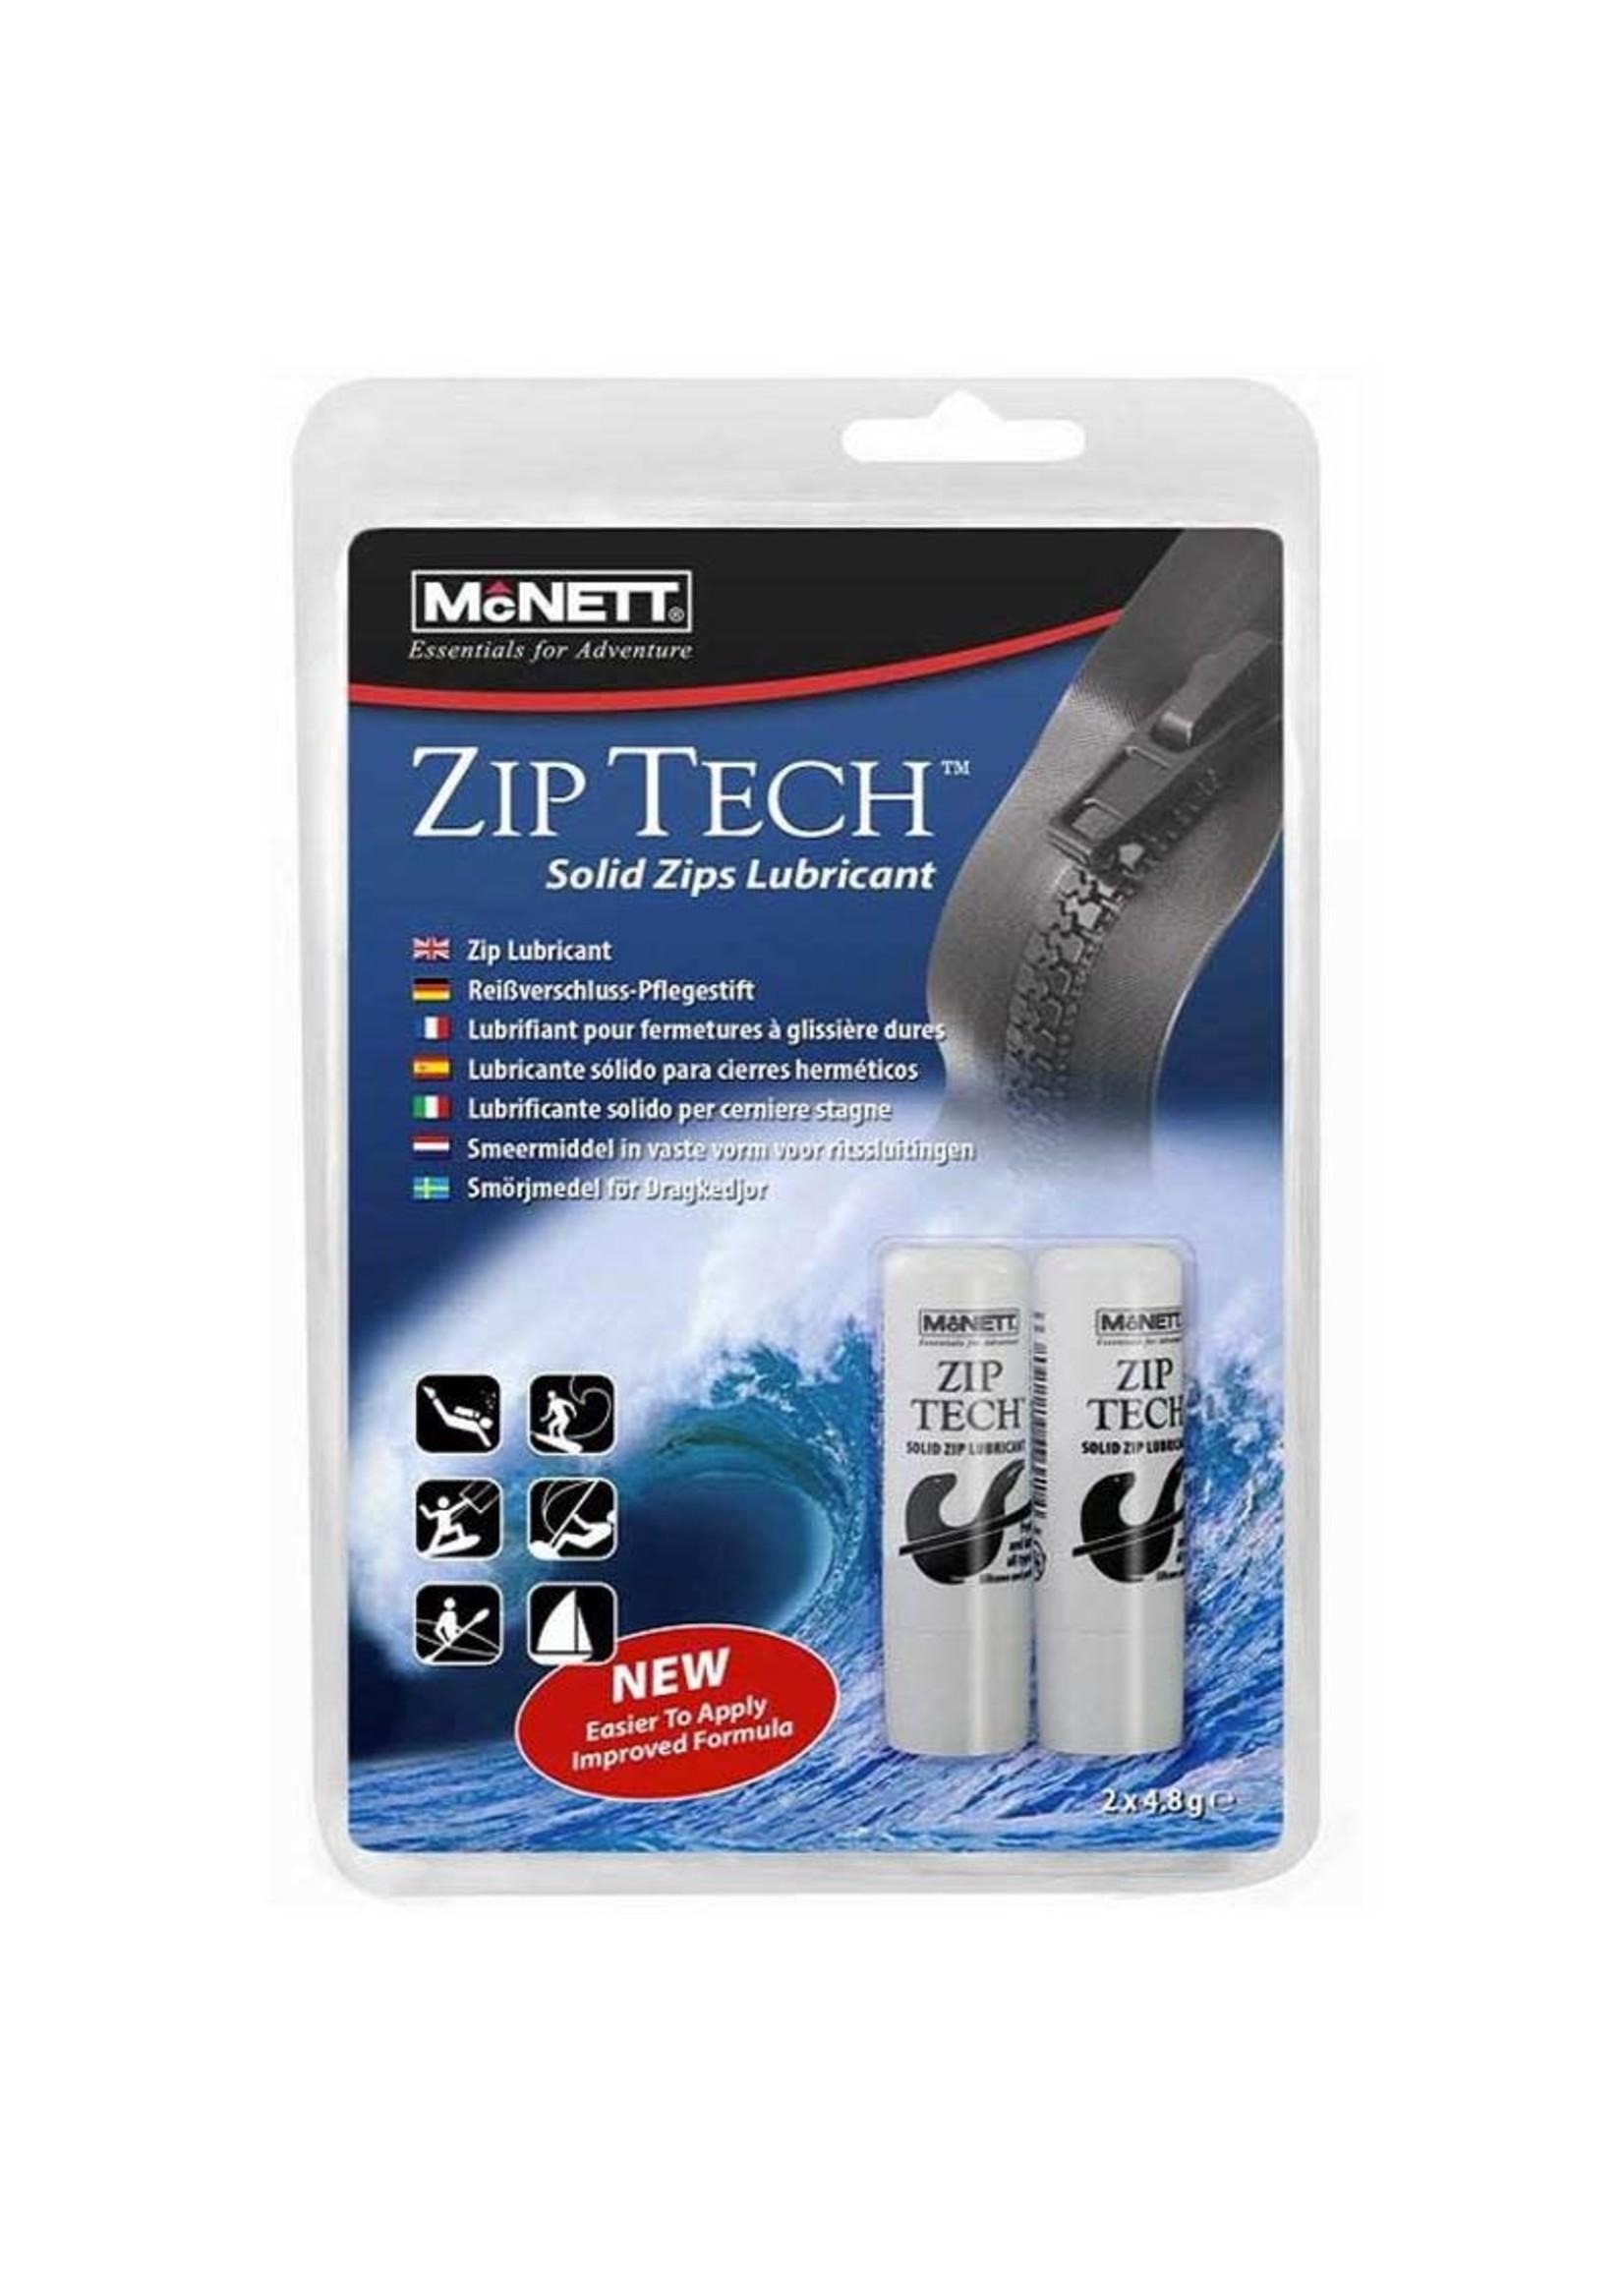 McNett-GearAid McNett-GearAid ZIP Tech